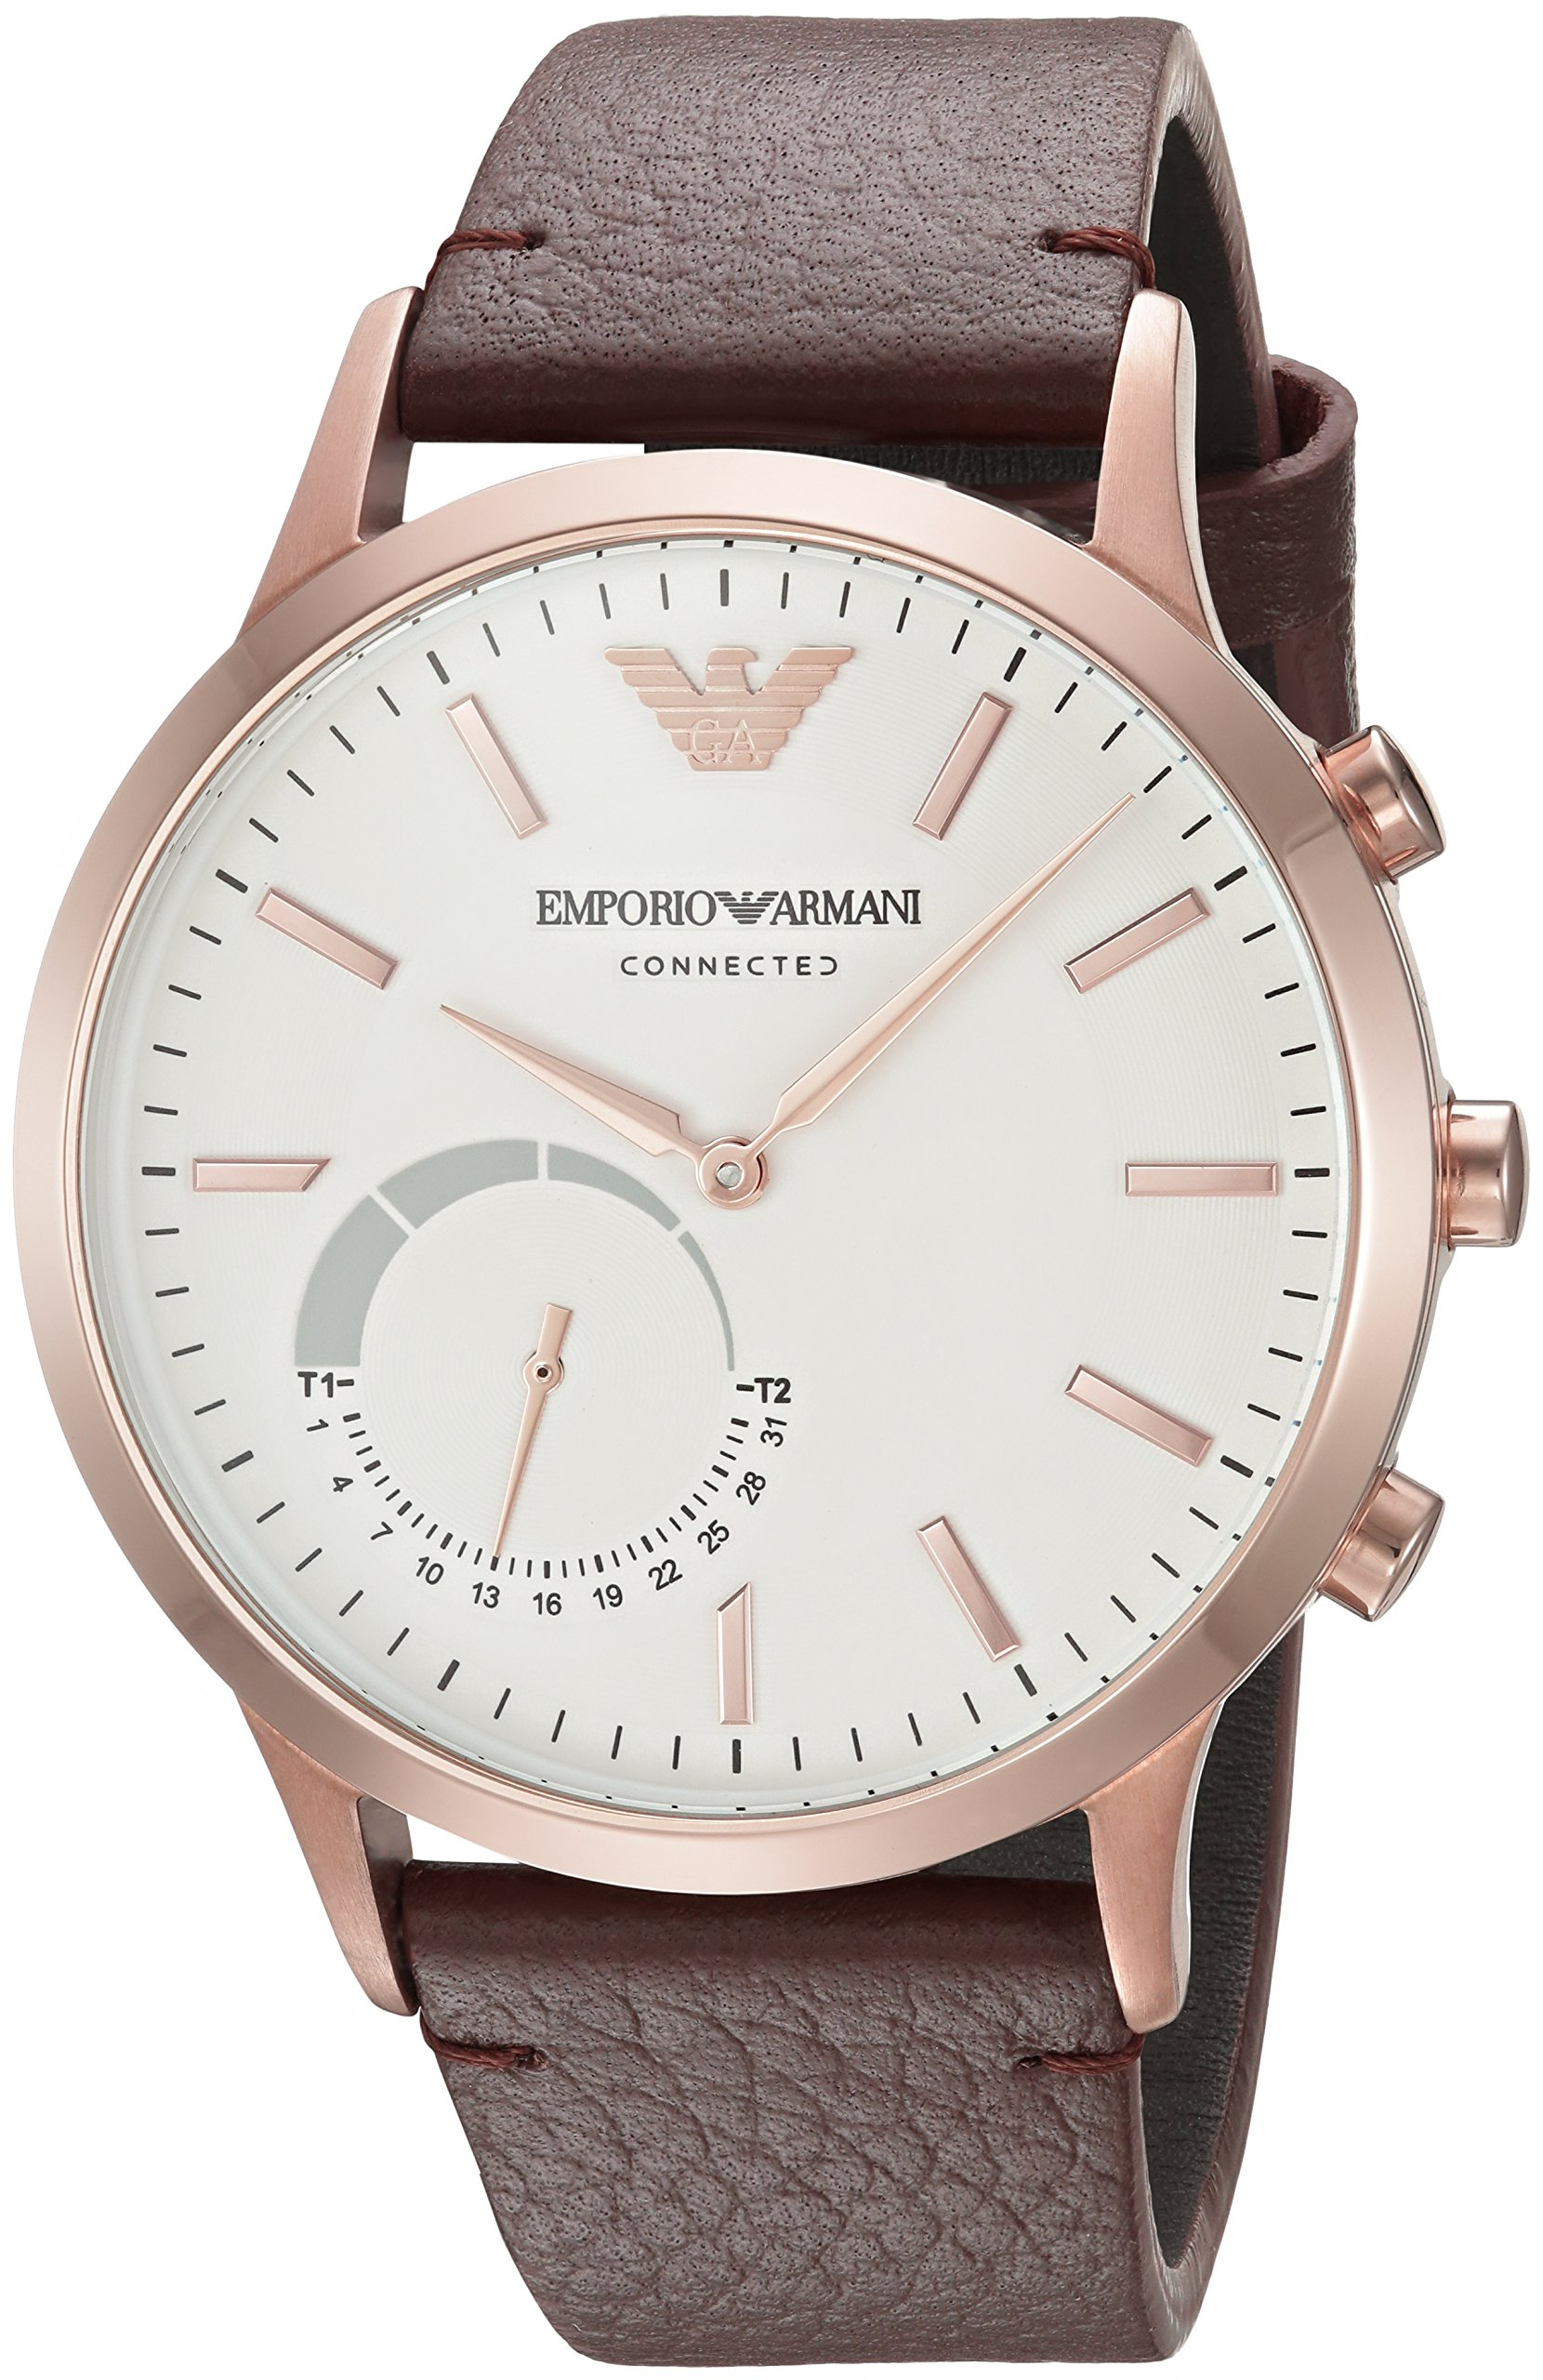 Emporio Armani Hybrid Smartwatch ART3002 by Emporio Armani